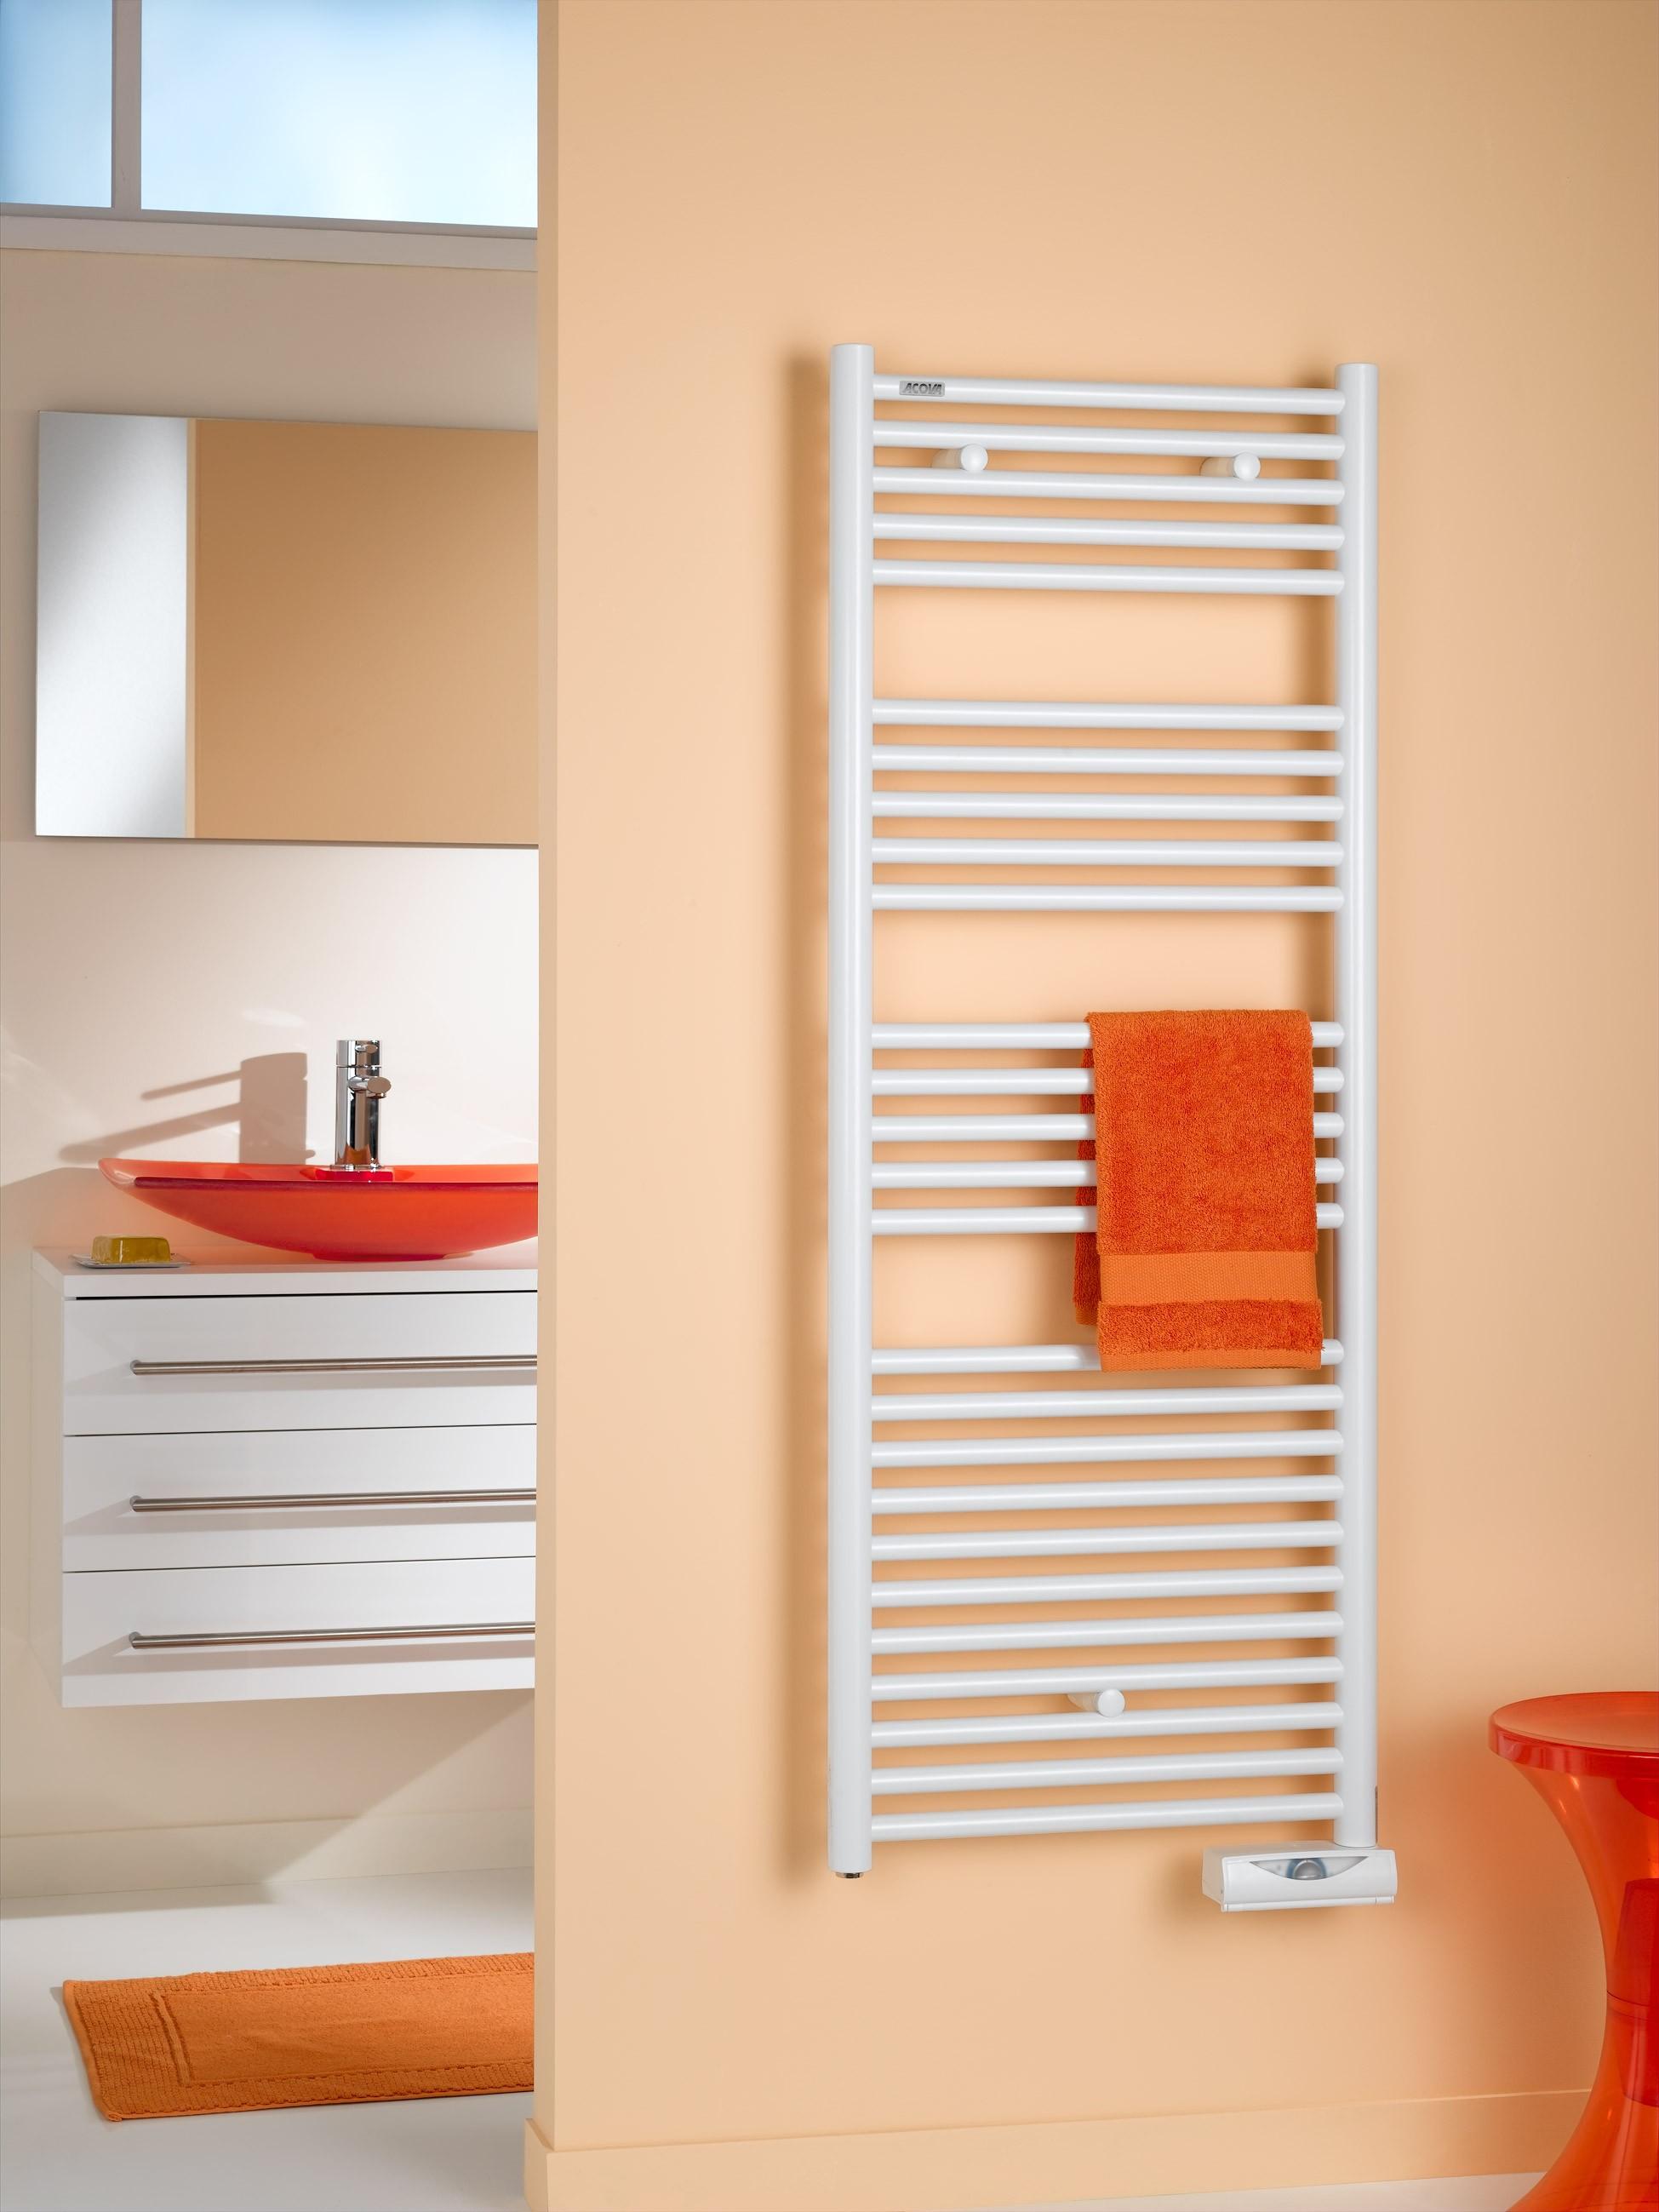 Acova Garantie destiné radiateur sèche-serviettes électrique acova fourniture et pose incluses